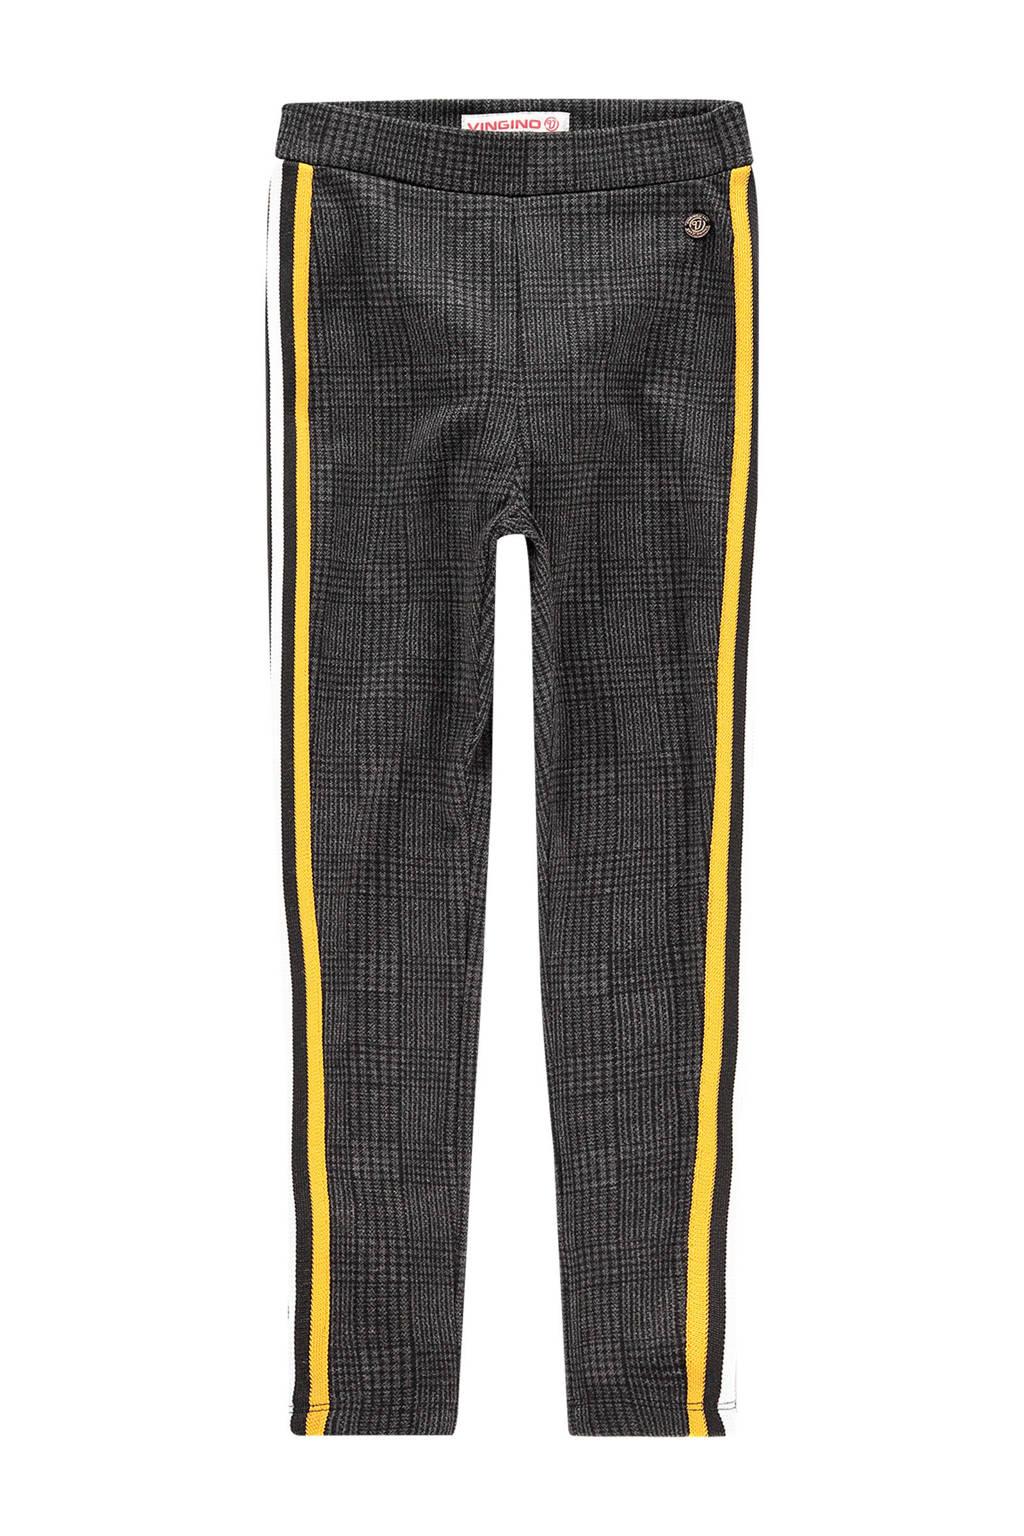 Vingino geruite regular fit legging Sarny met zijstreep zwart/geel, Zwart/geel